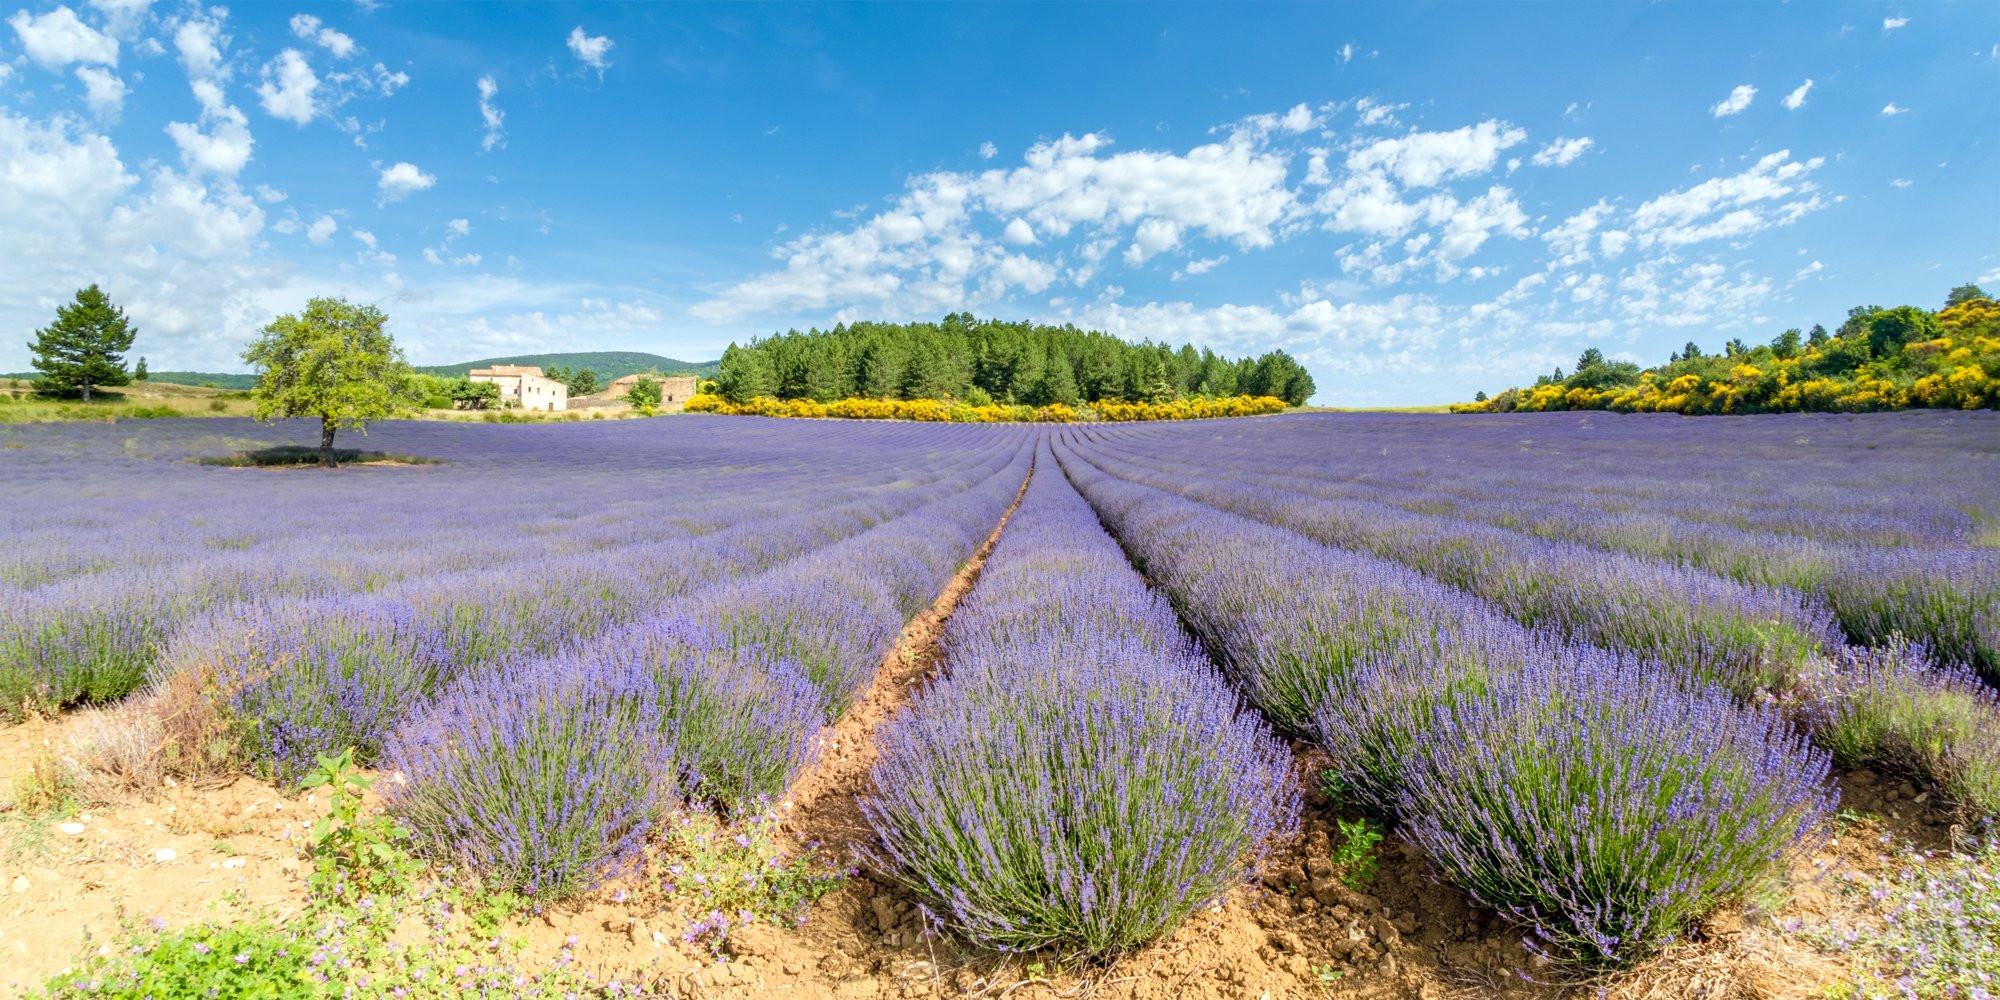 Aurel village lavender fields, Drome France